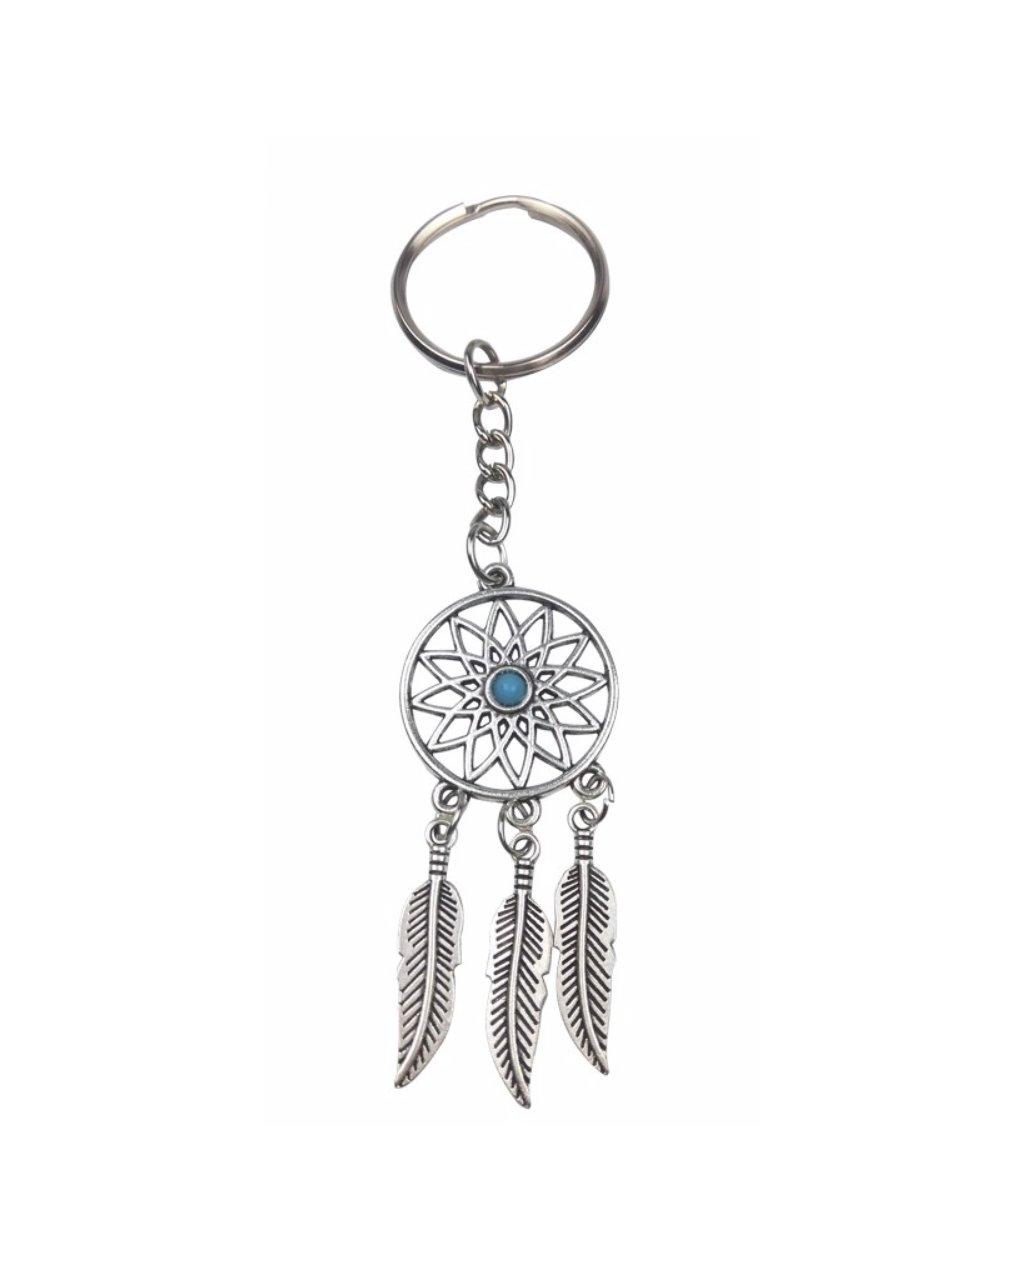 Přívěšek na klíče indiánský lapač snů a avanturín